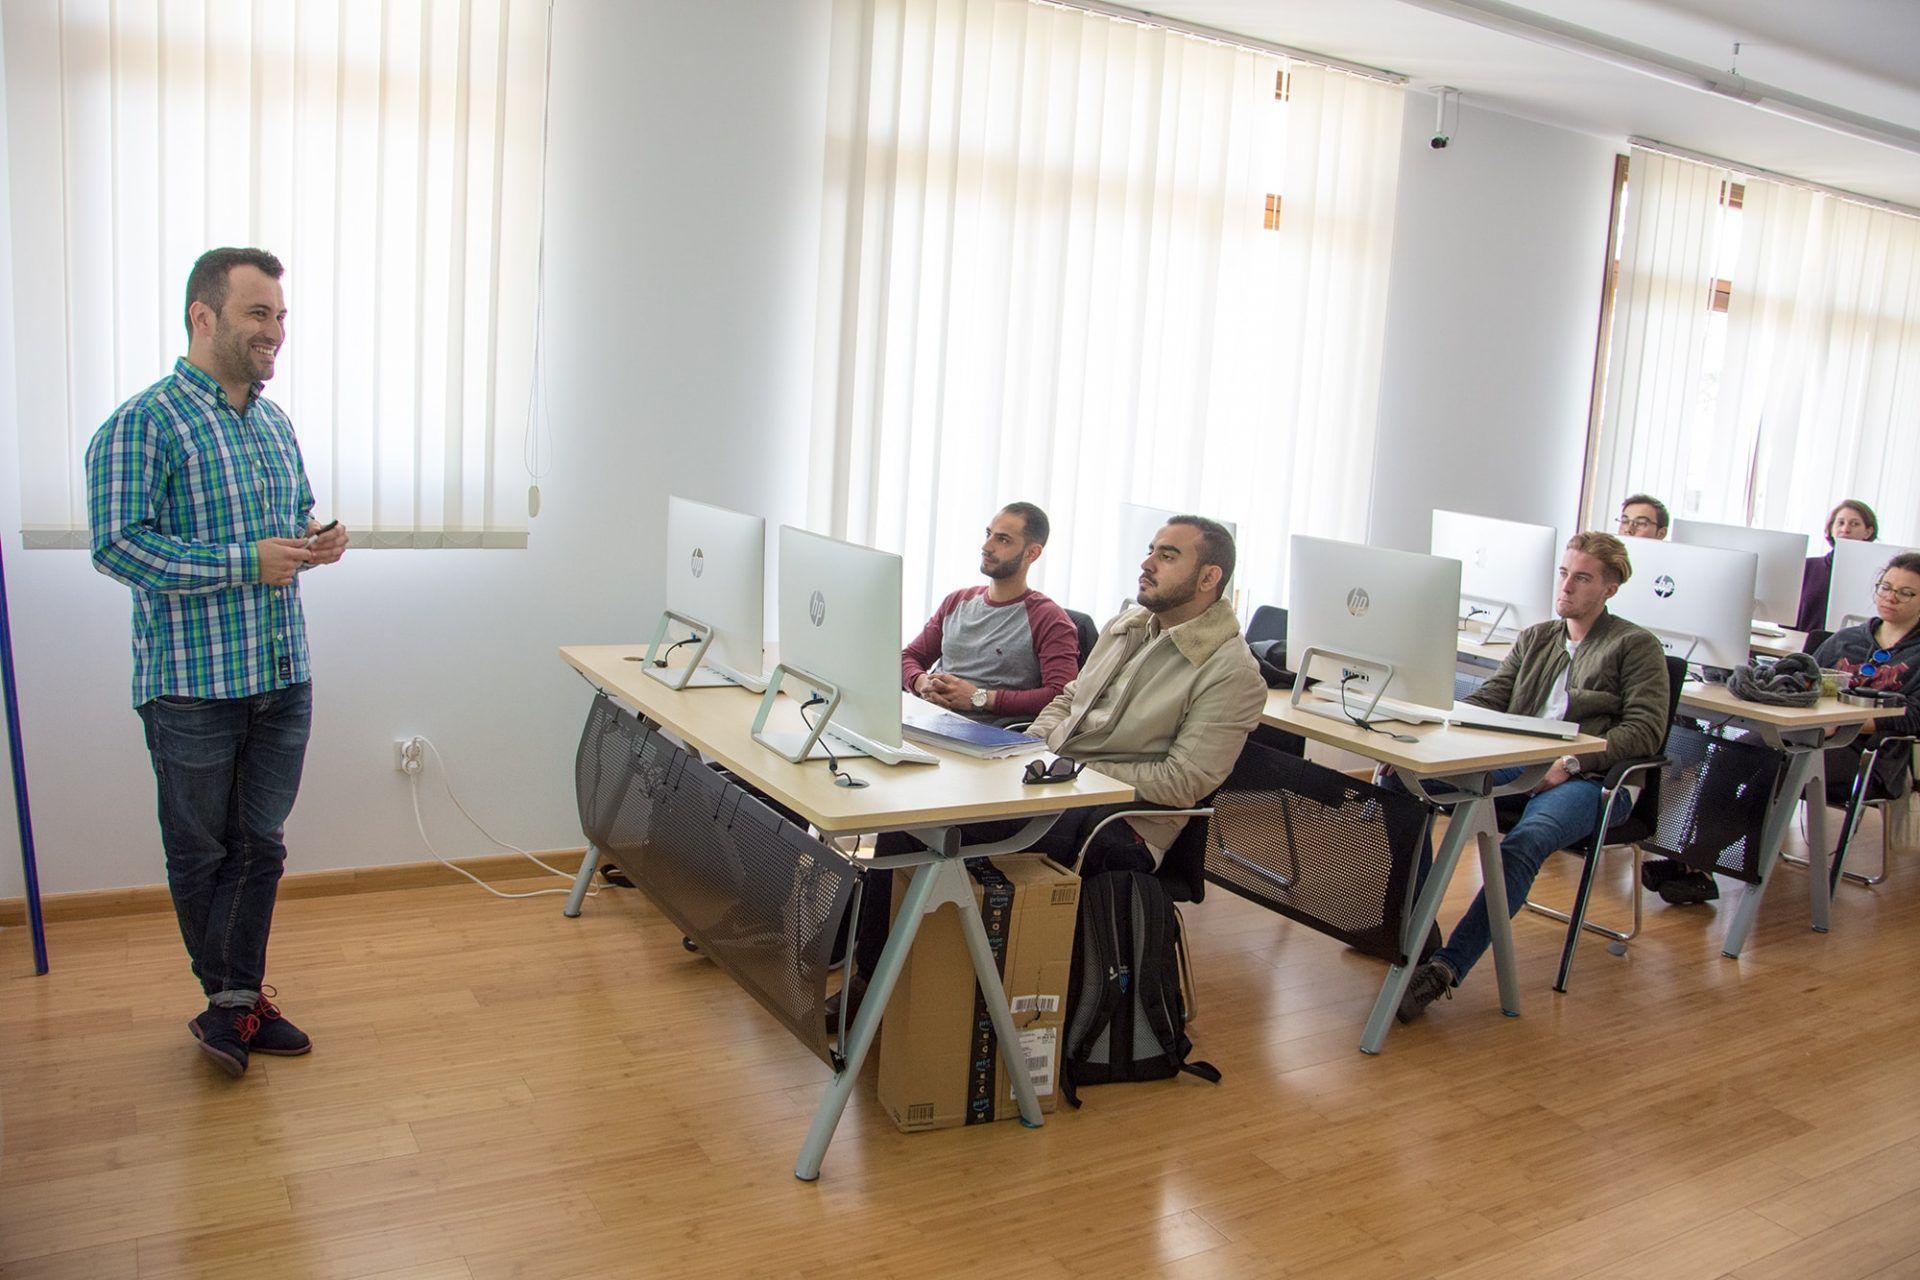 Cryptocurrency trading seminar by Daniel Salinas at MIUC